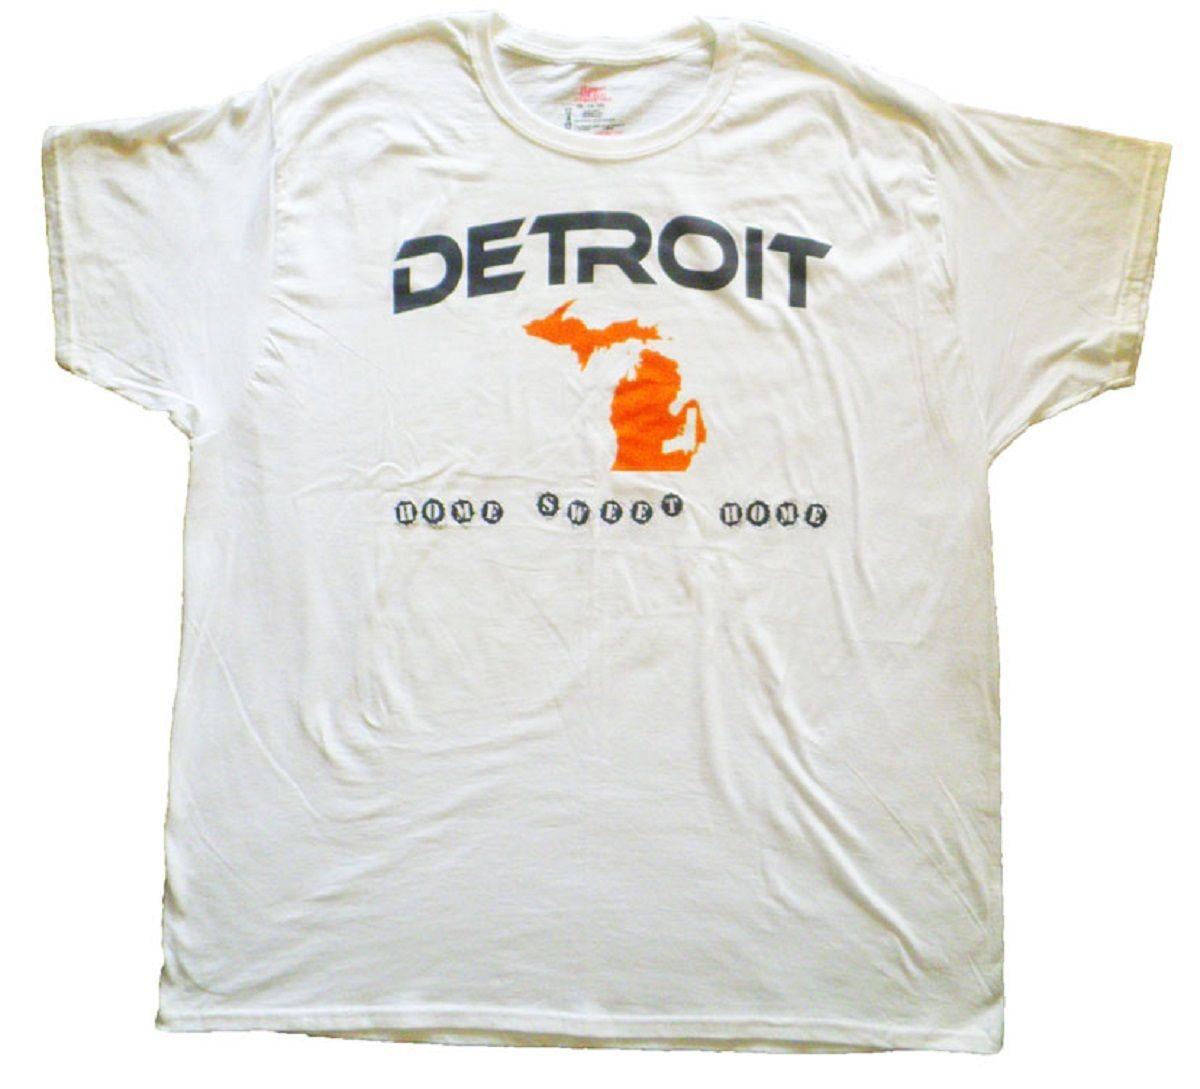 0807338db Detroit Home Sweet Home Gun T-Shirt | UScustomInk.com | Shirts, T ...